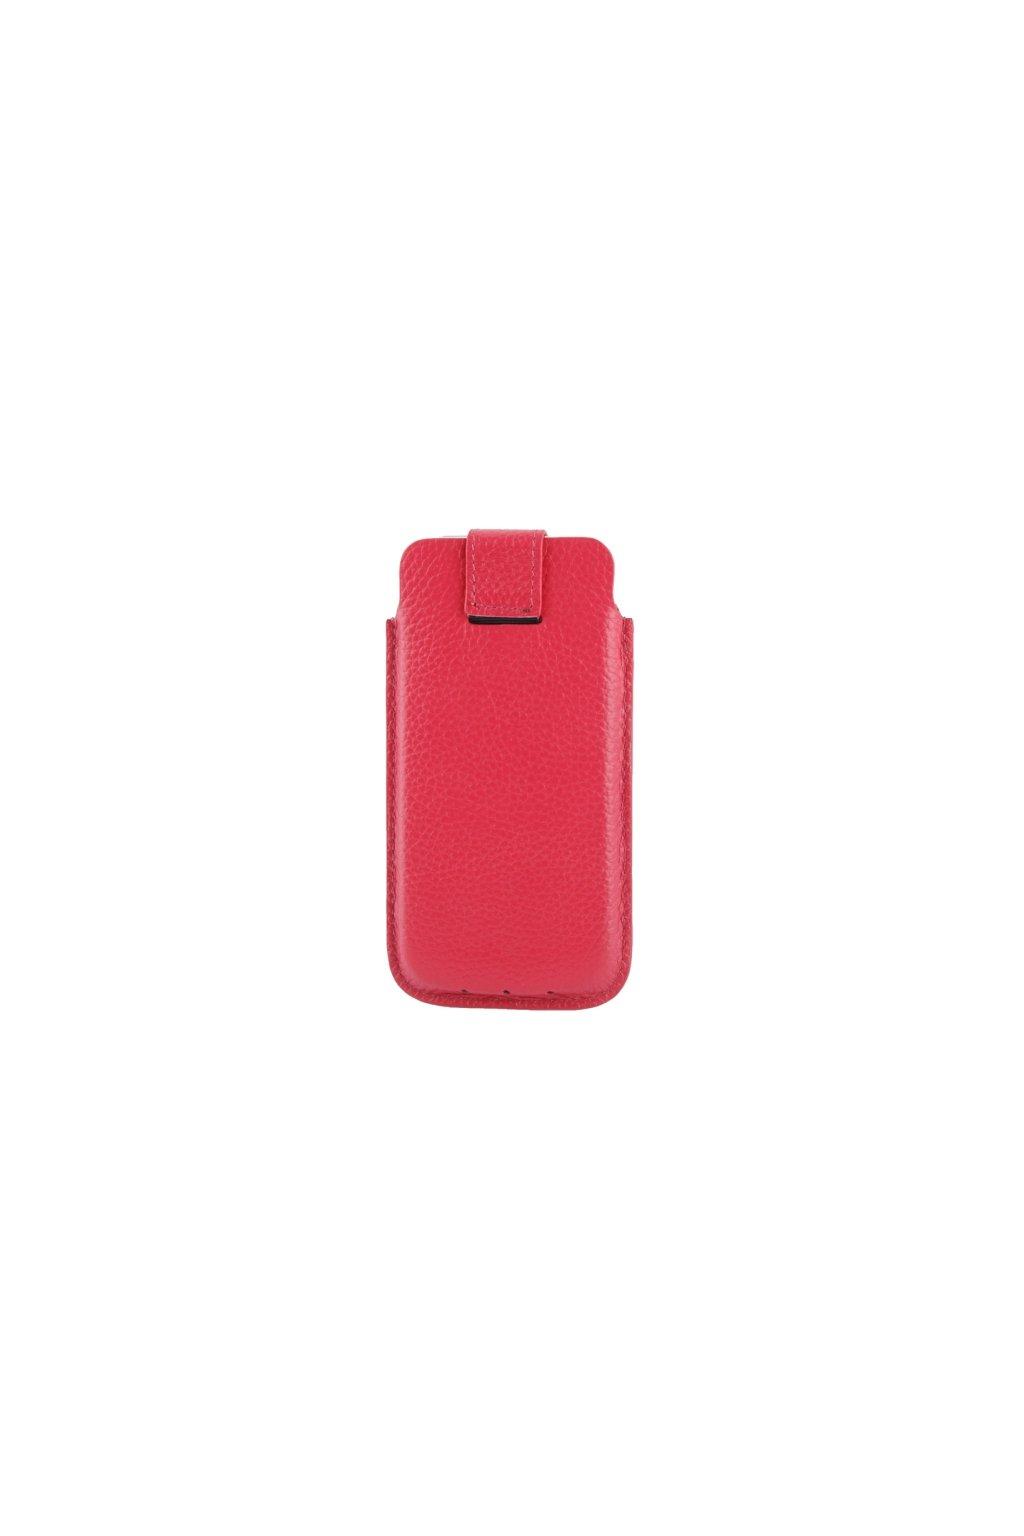 Koženkové pouzdro Lichi iPhone 5/5S, red/červená